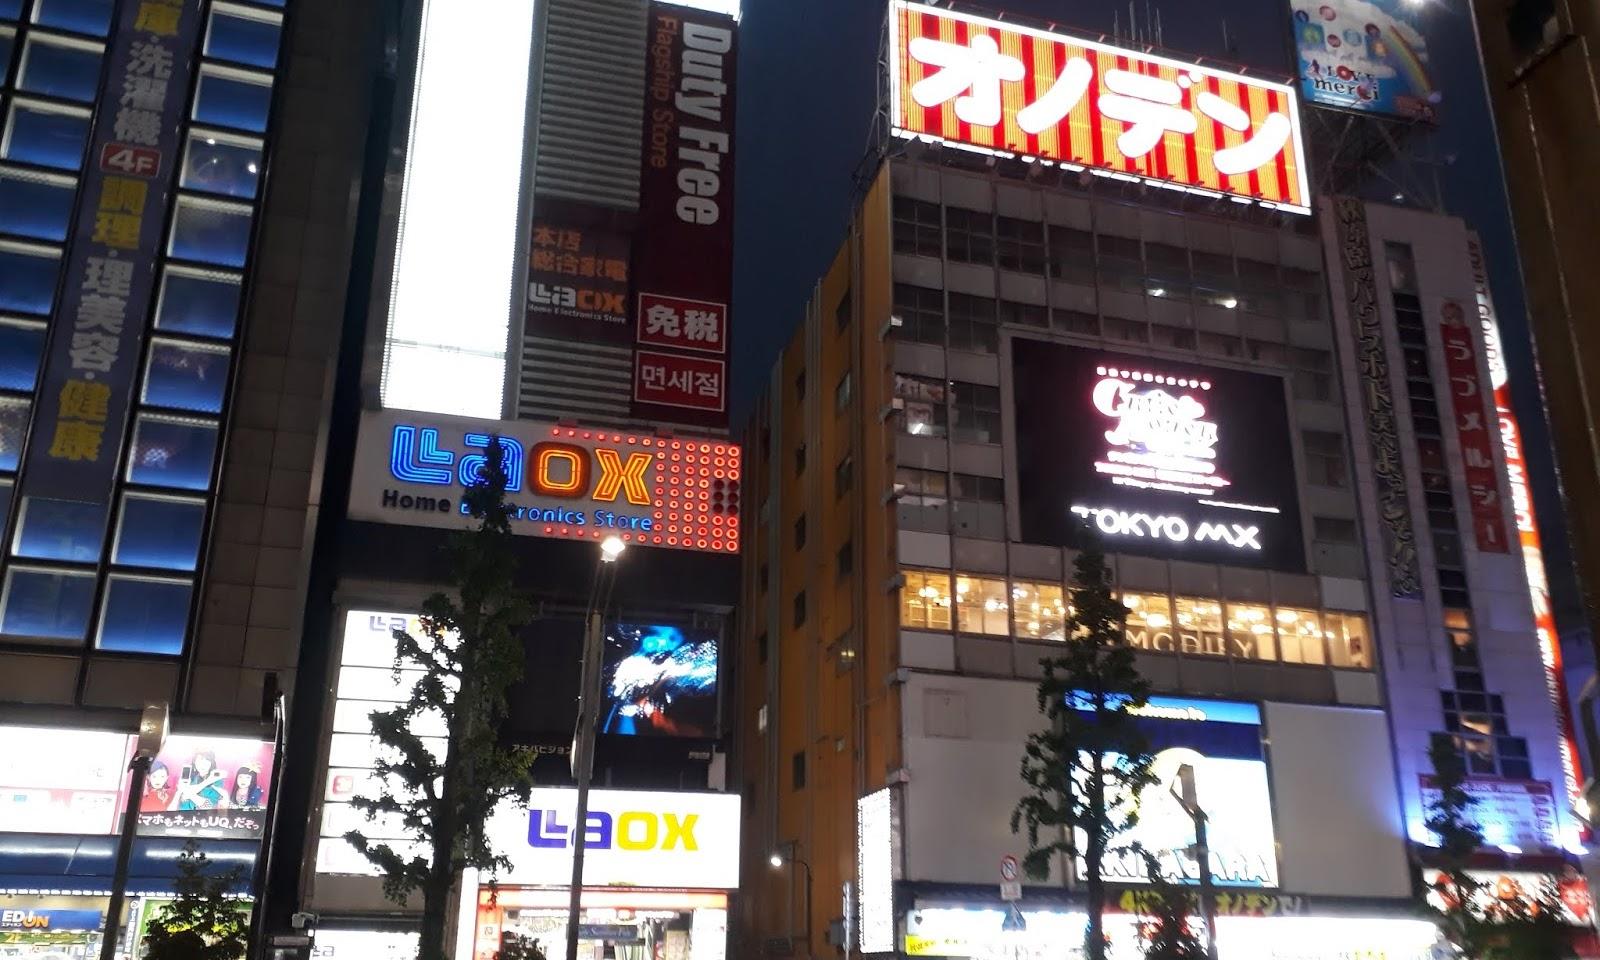 anime shopping in akihabara